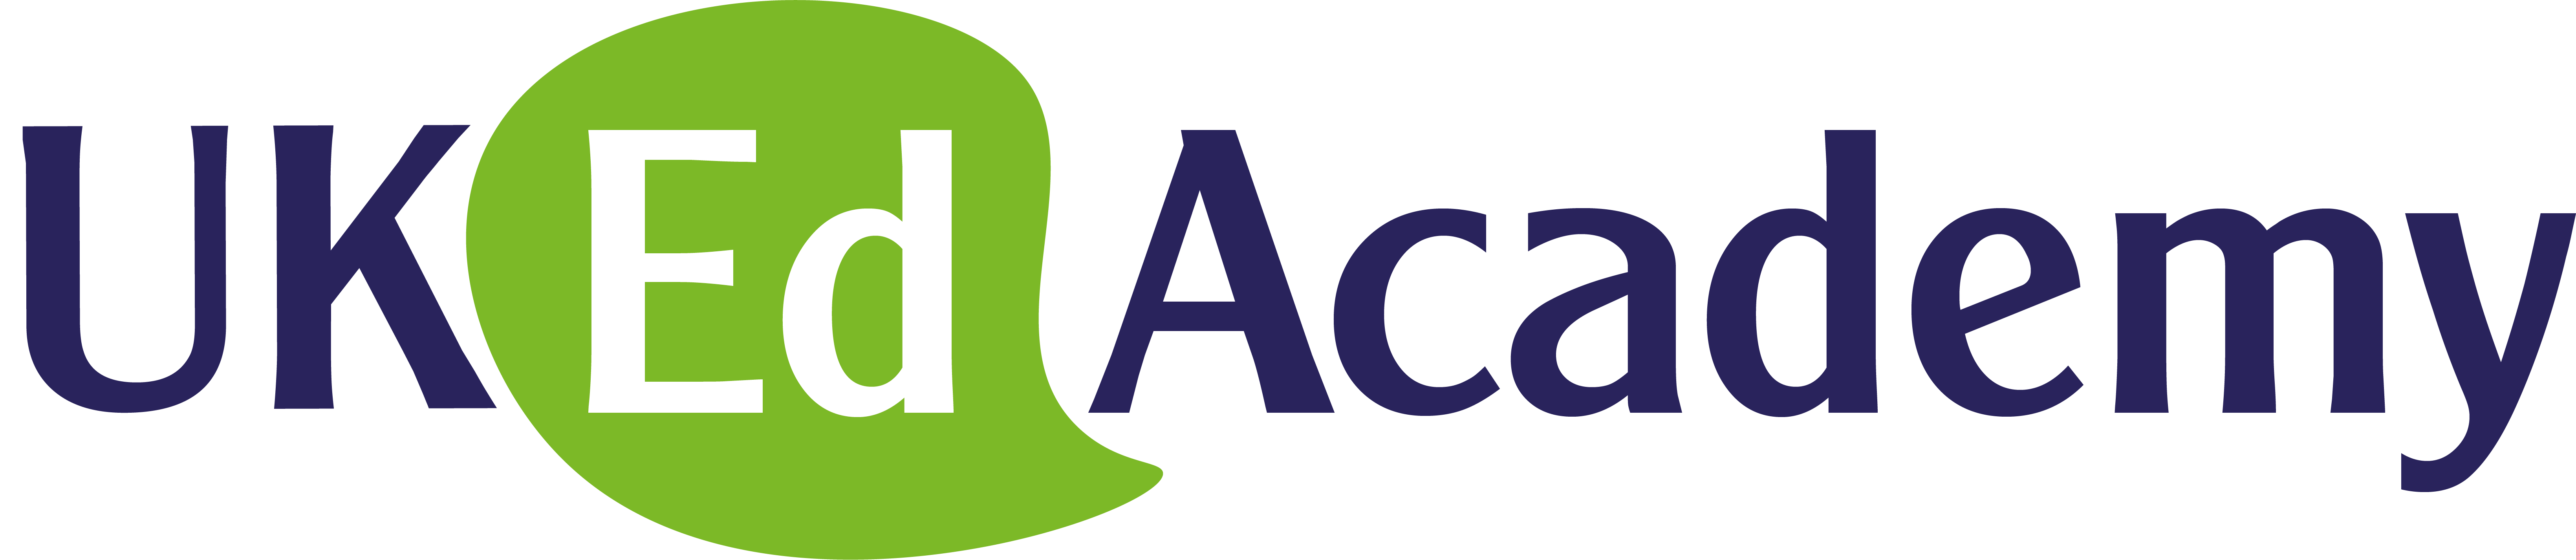 UKEd.Academy